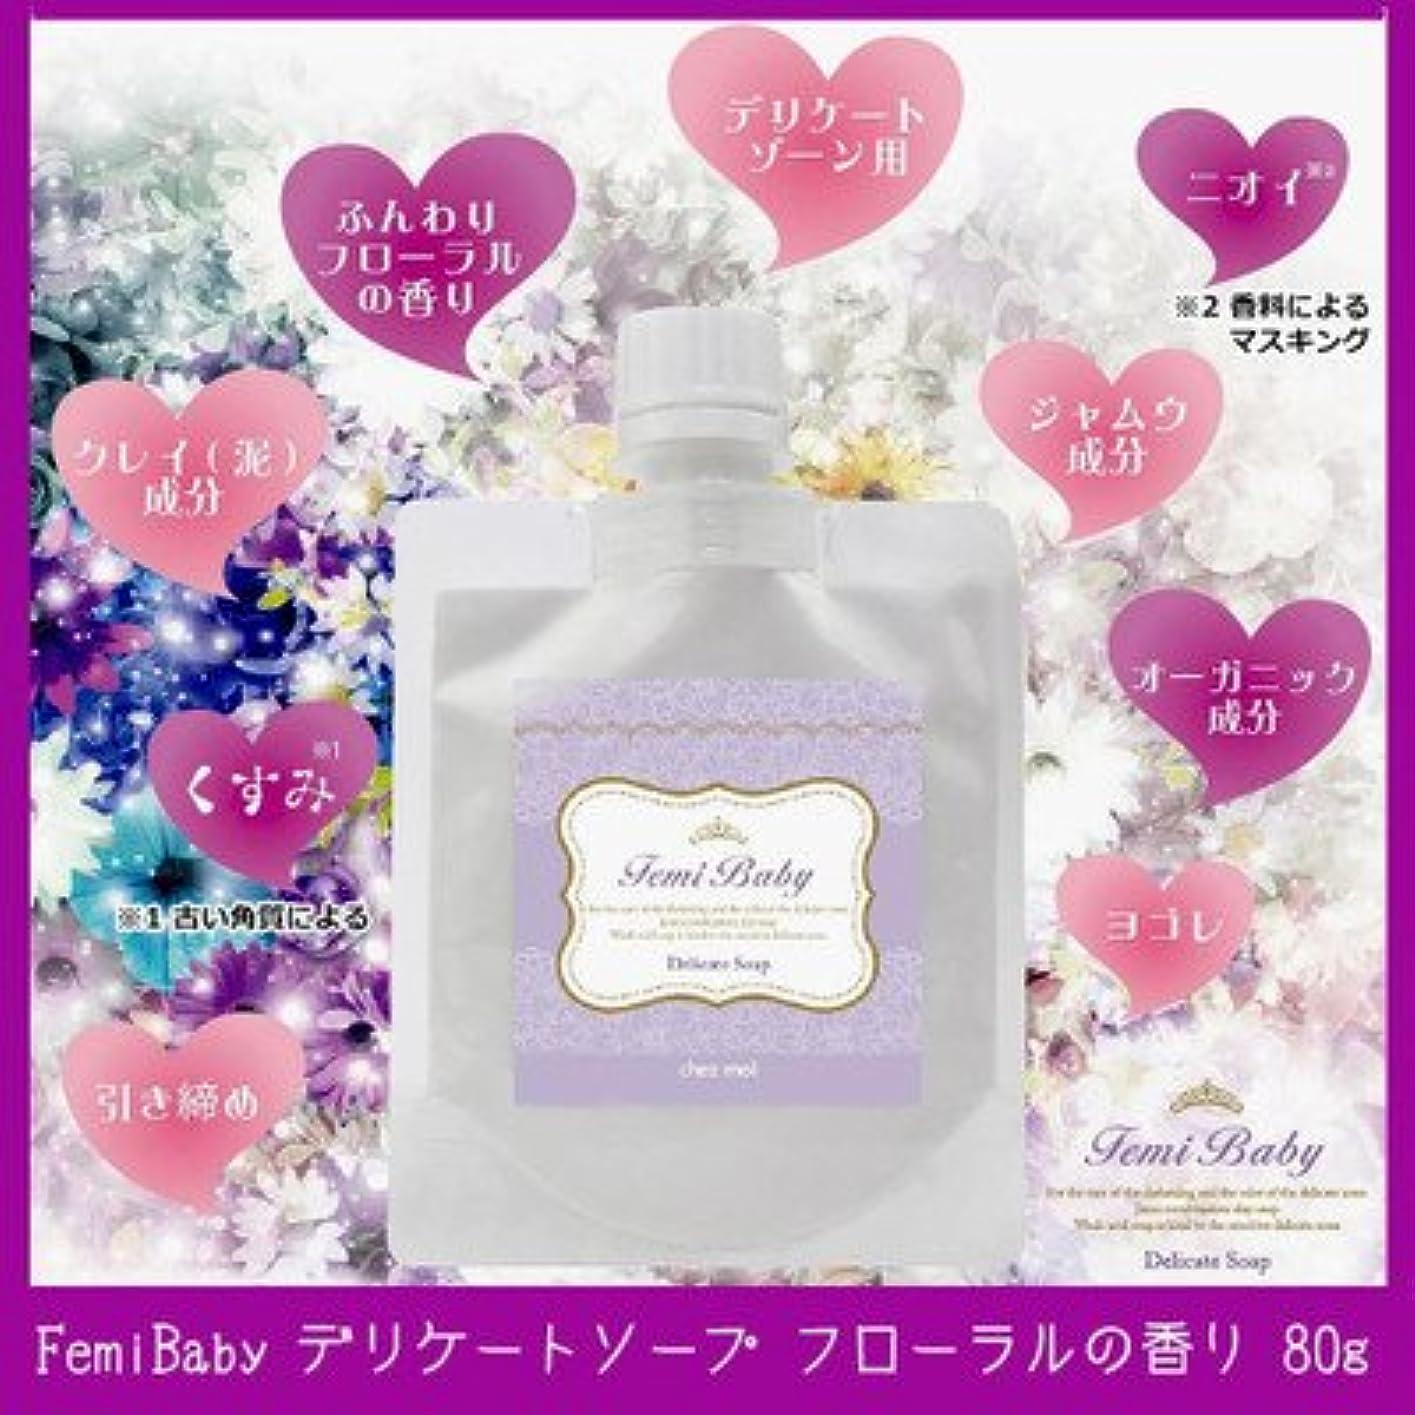 誕生日未来教養があるデリケートゾーン用 ジャムウ配合クレイソープ FemiBaby デリケートソープ フローラルの香り 80g